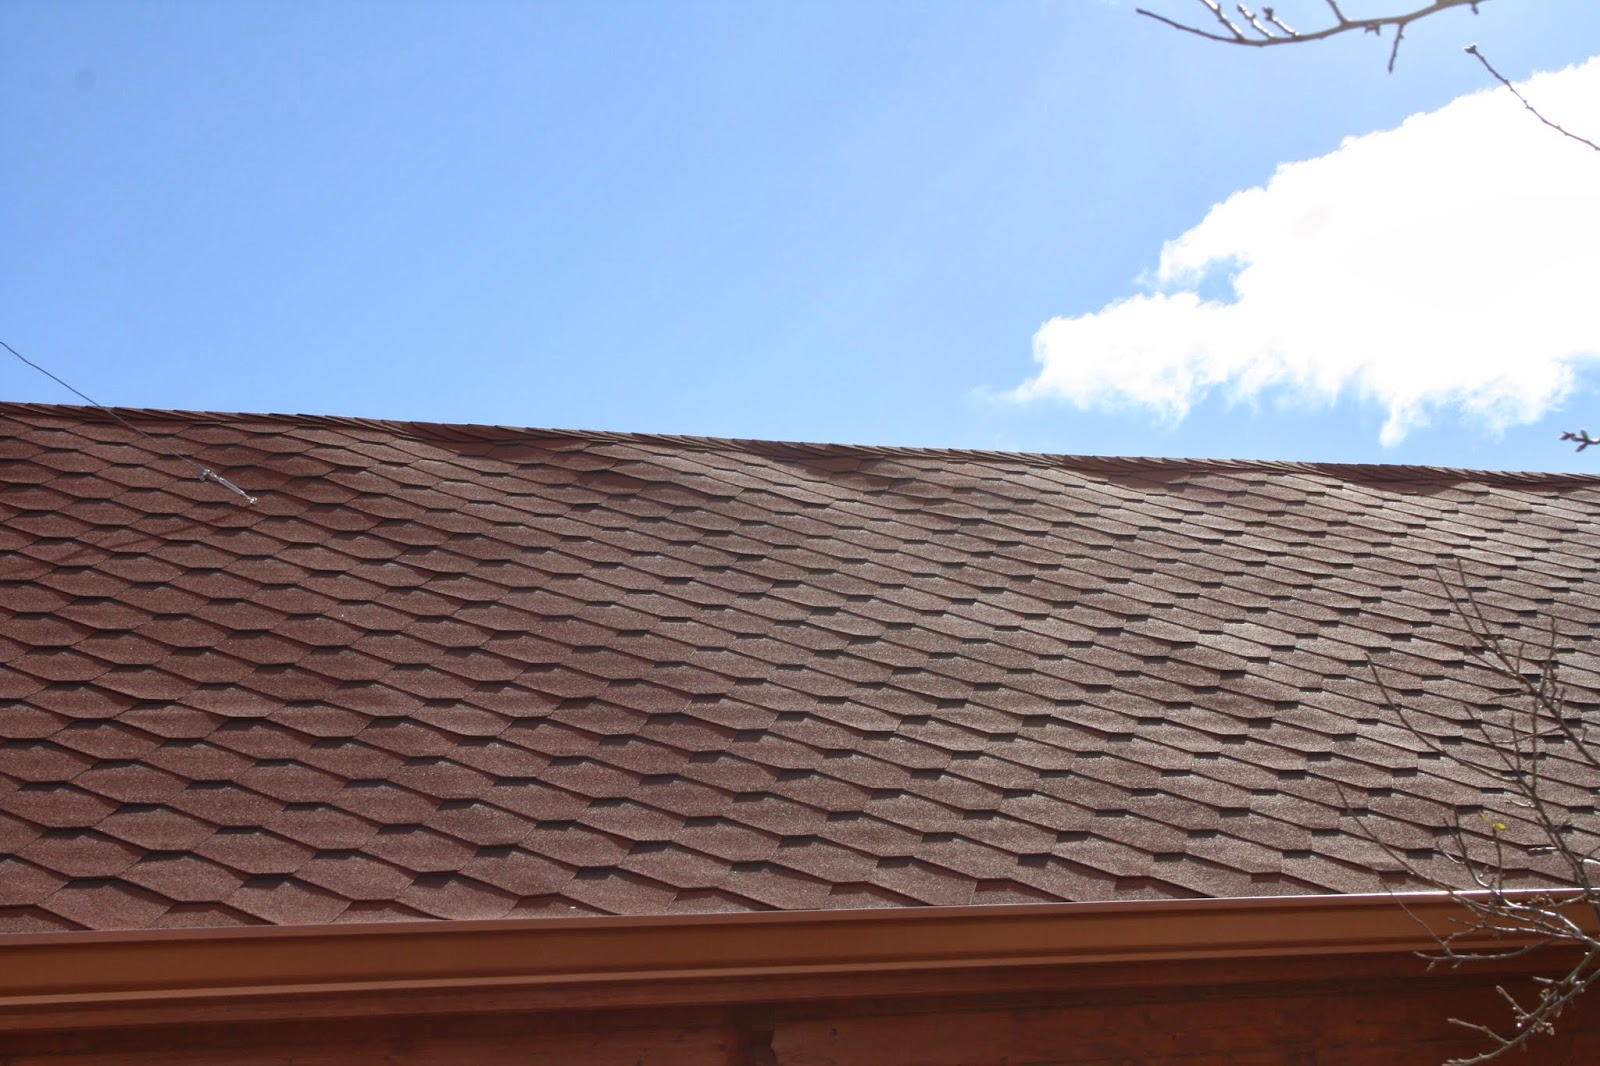 Retejar tejados de teja trabajos en vertical madrid for Tejado de madera madrid